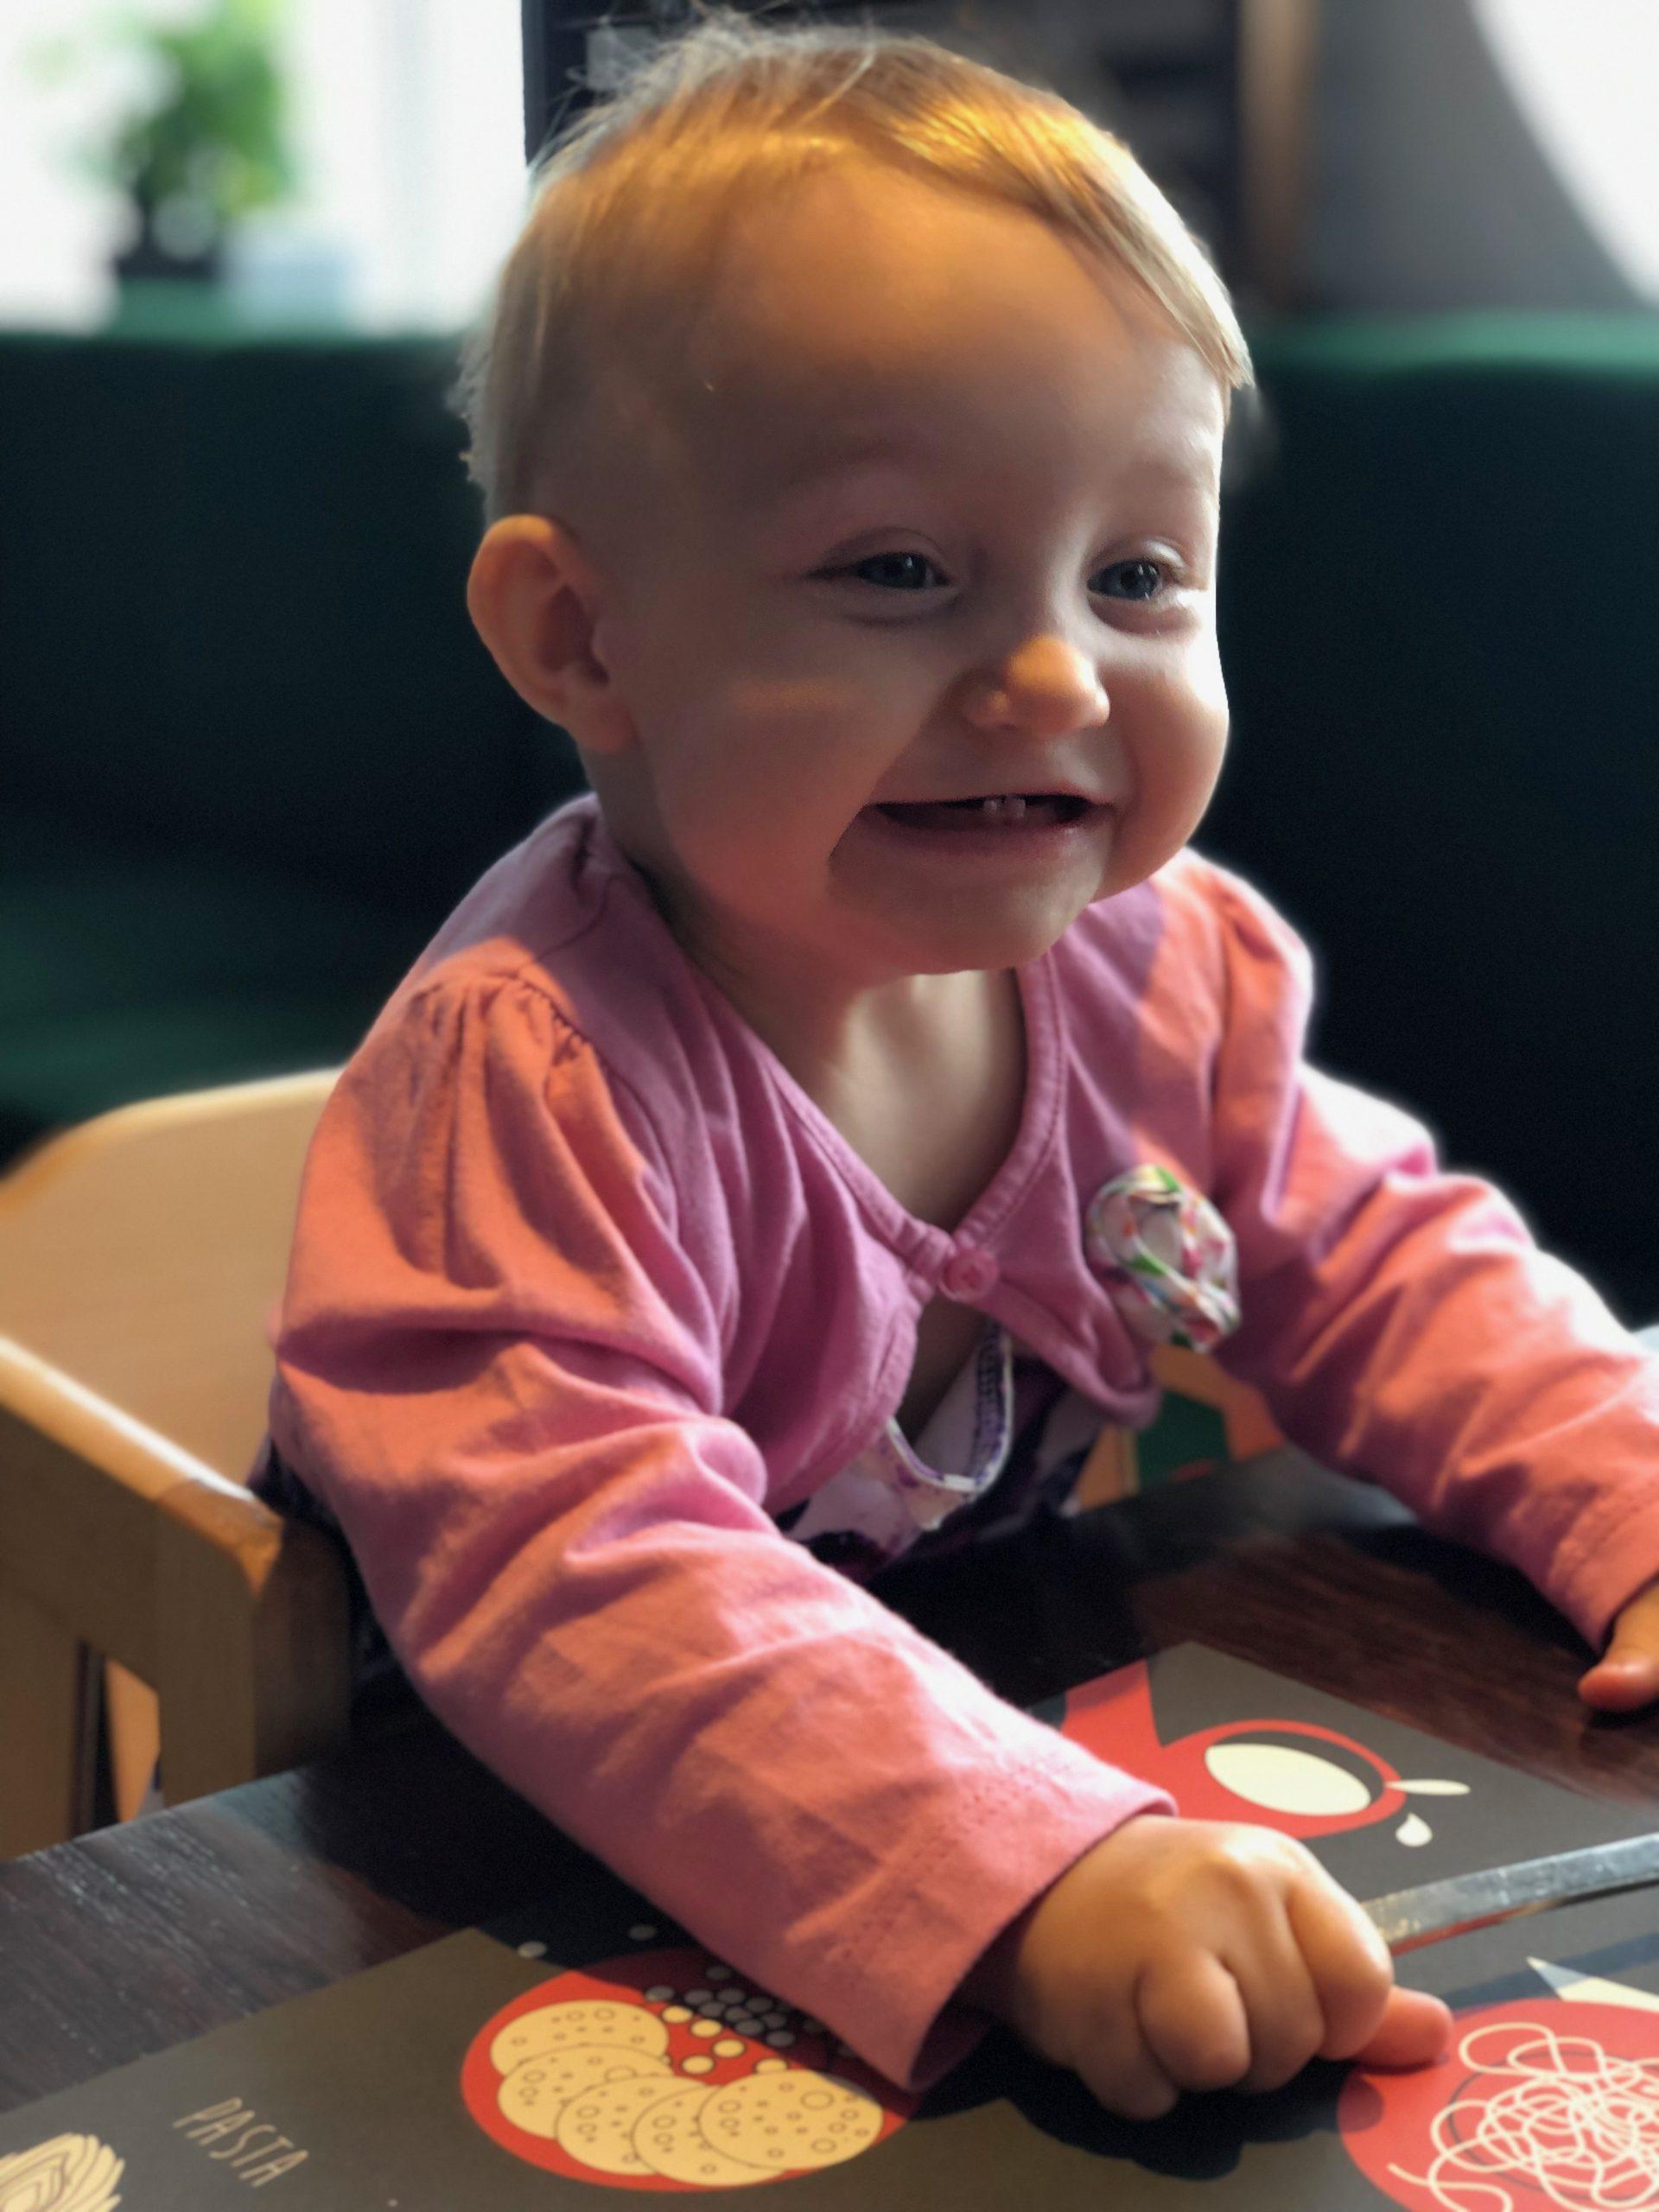 vauva nauraa laivalla